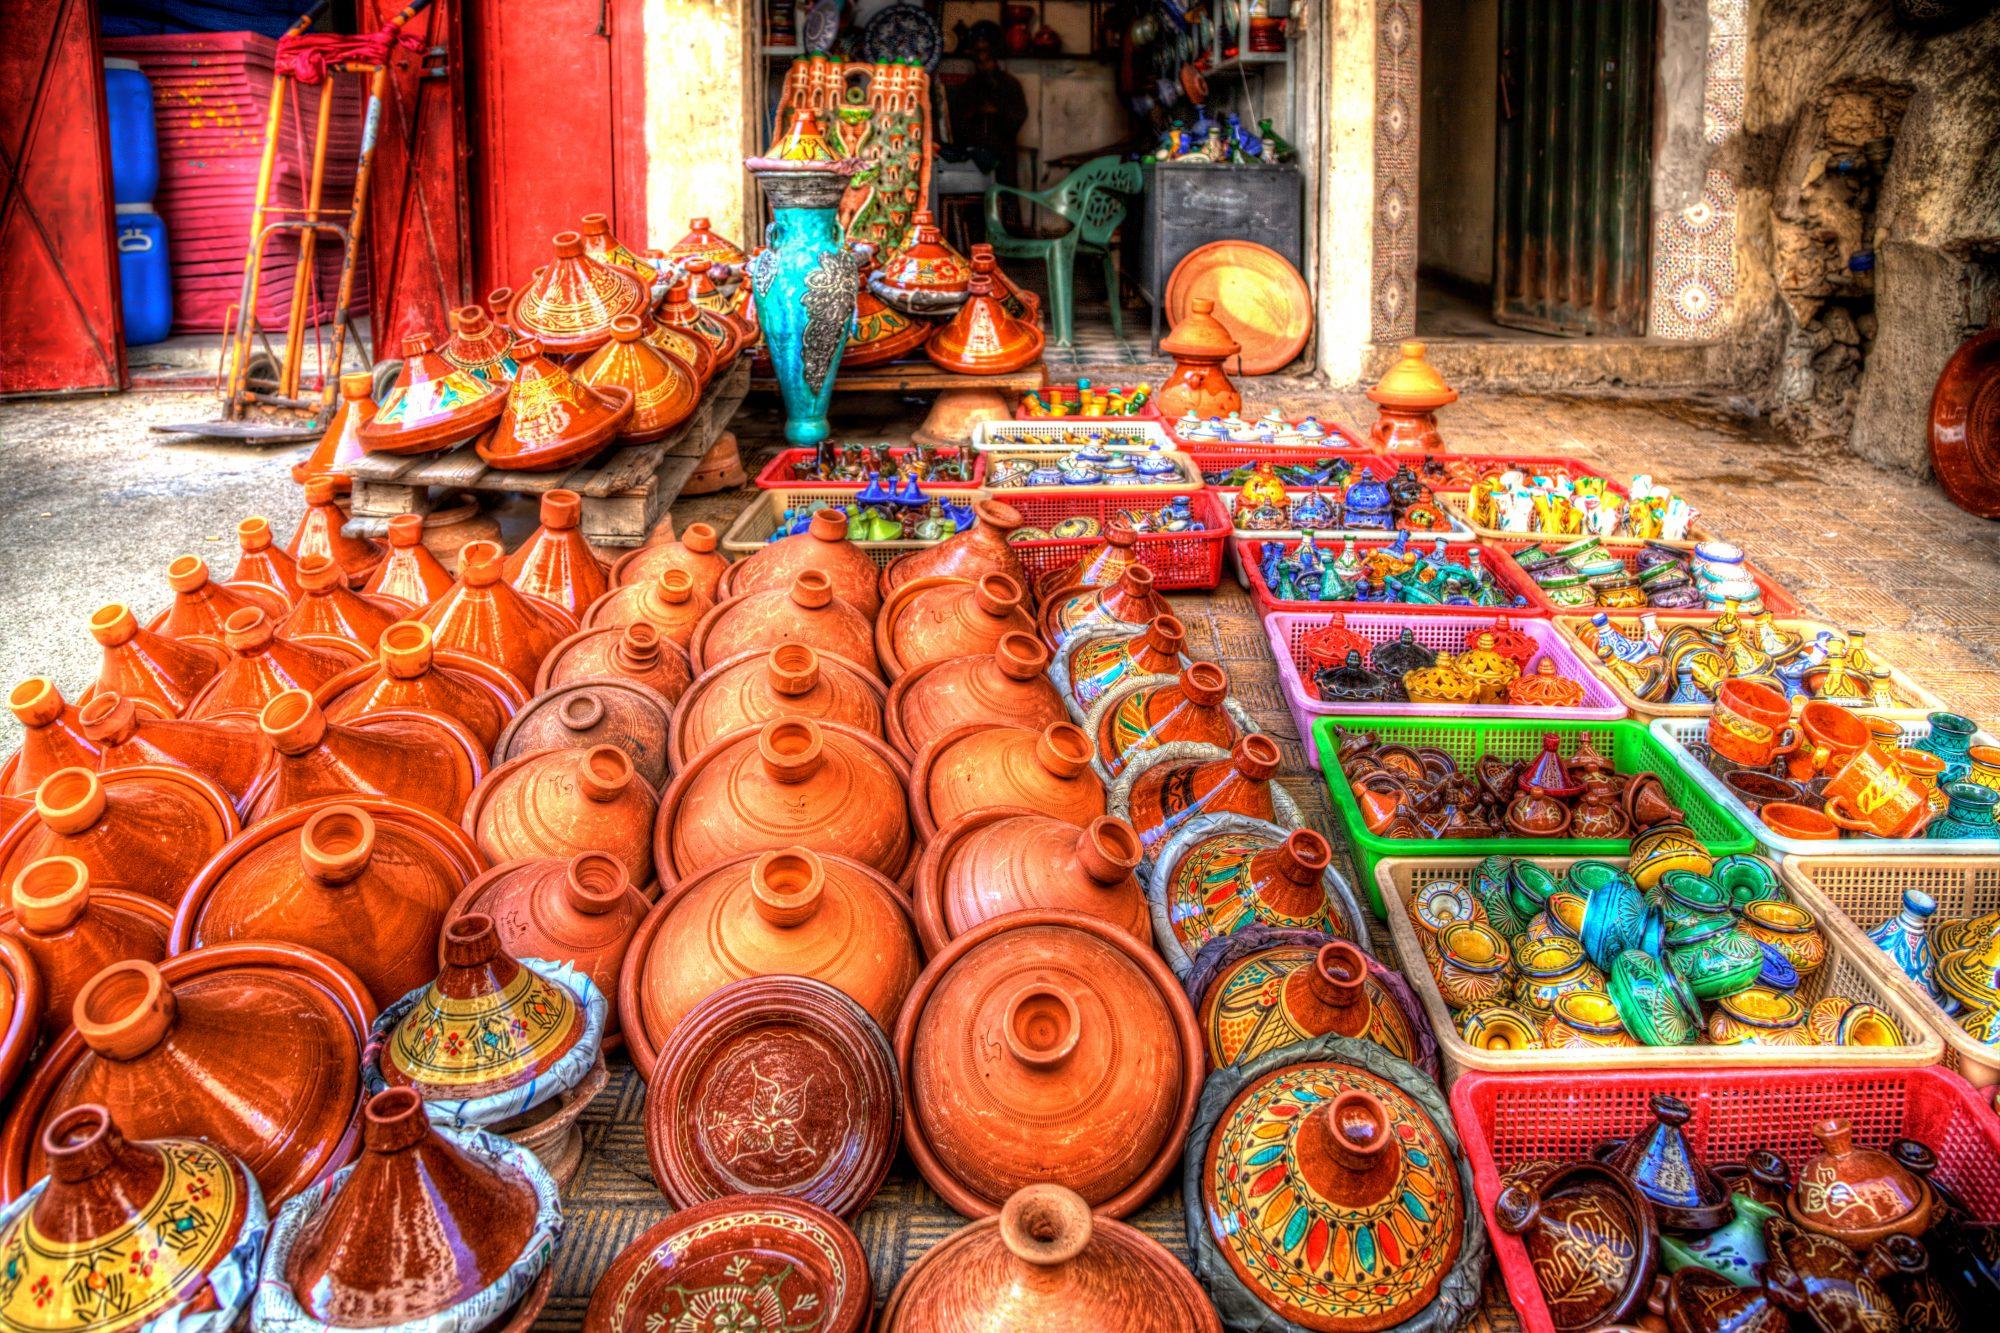 Resa till Marocko - tips